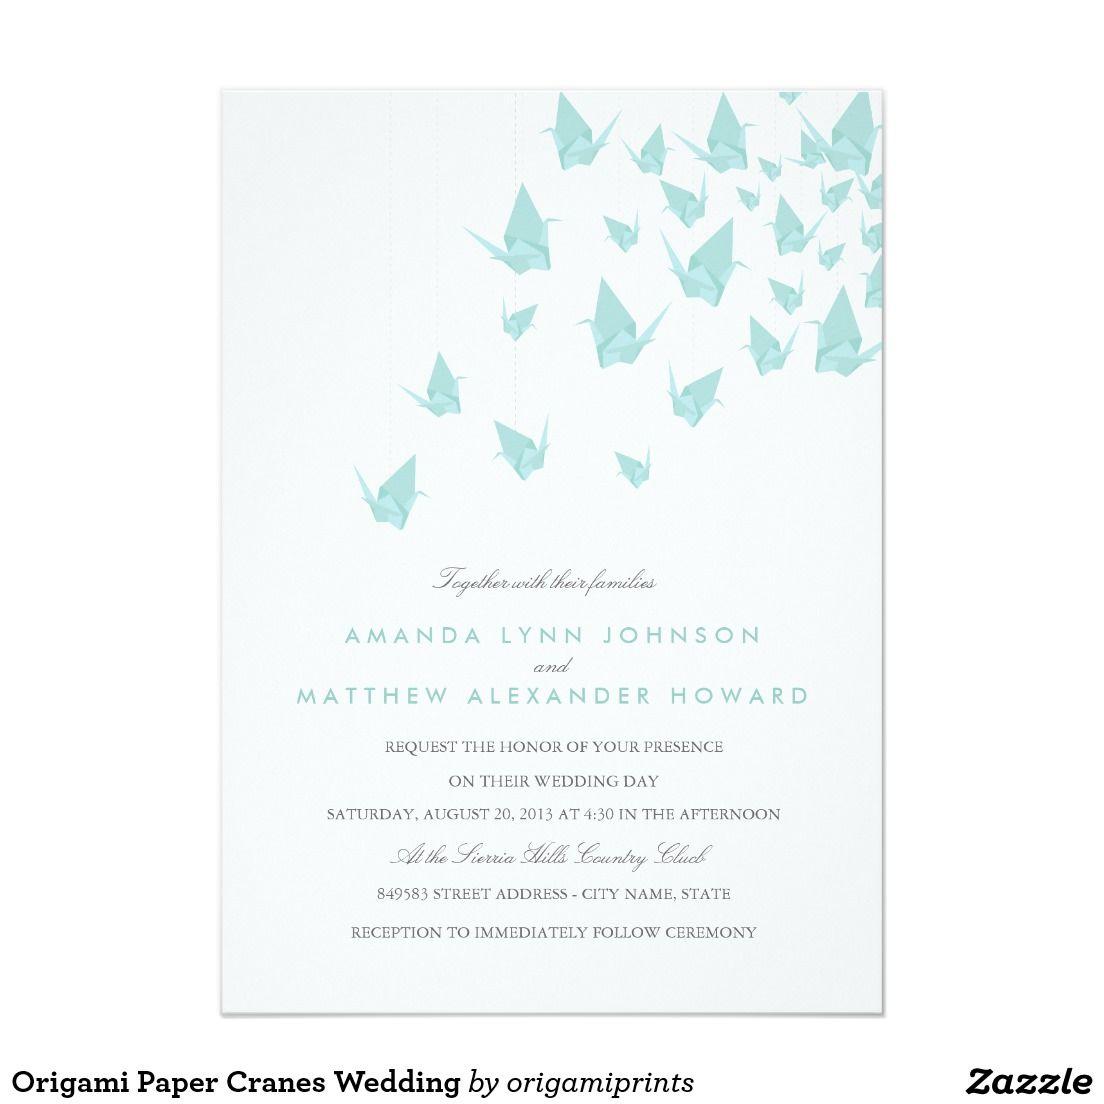 Origami Paper Cranes Wedding Invitation | Zazzle.com ... - photo#21